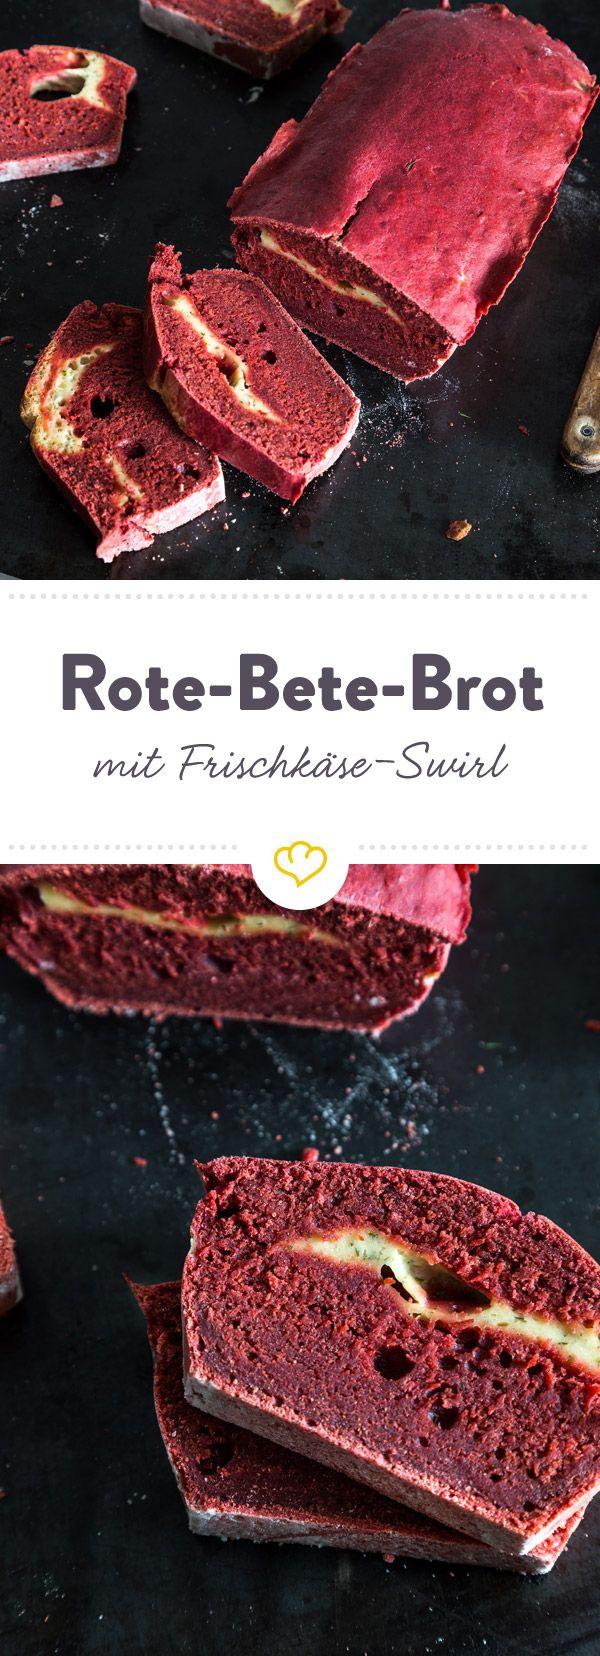 In diesem leuchtend pinken Brot hat sich Rote Bete im Teig versteckt. Ein würziger Frischkäse-Dill-Swirl macht den Teig extra saftig.